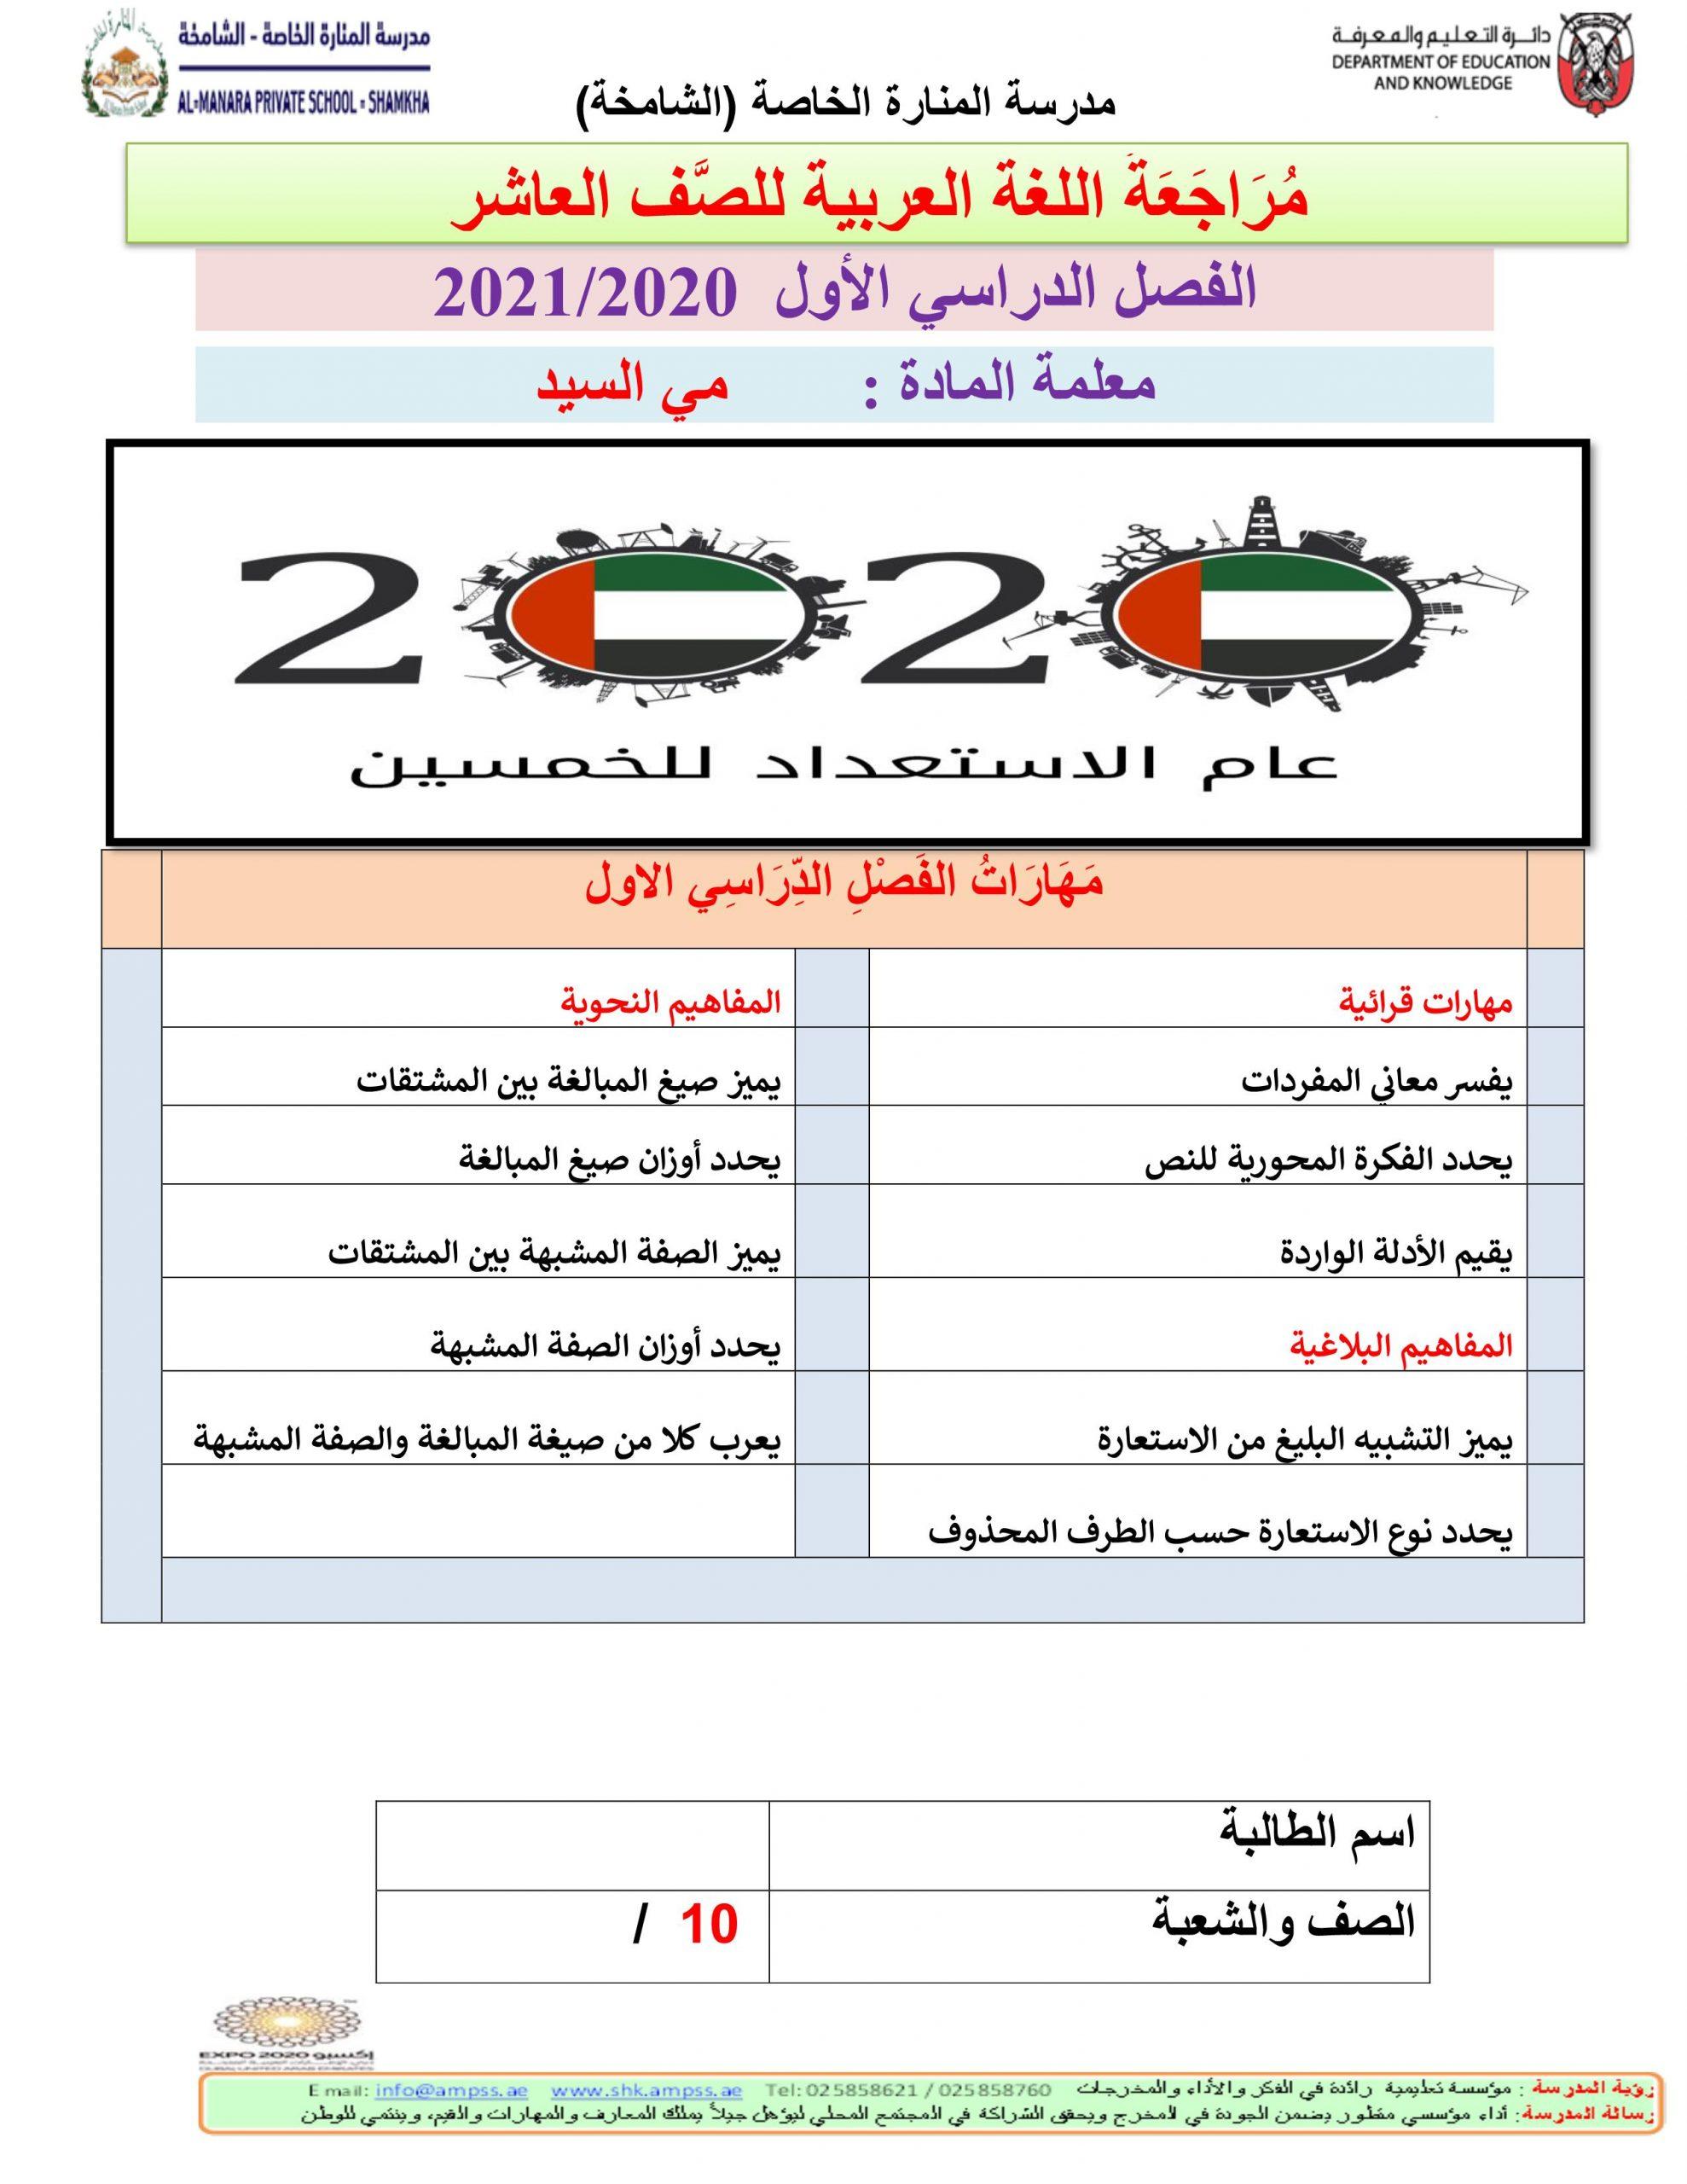 اوراق عمل متنوعة مراجعة نهائية الصف العاشر مادة اللغة العربية